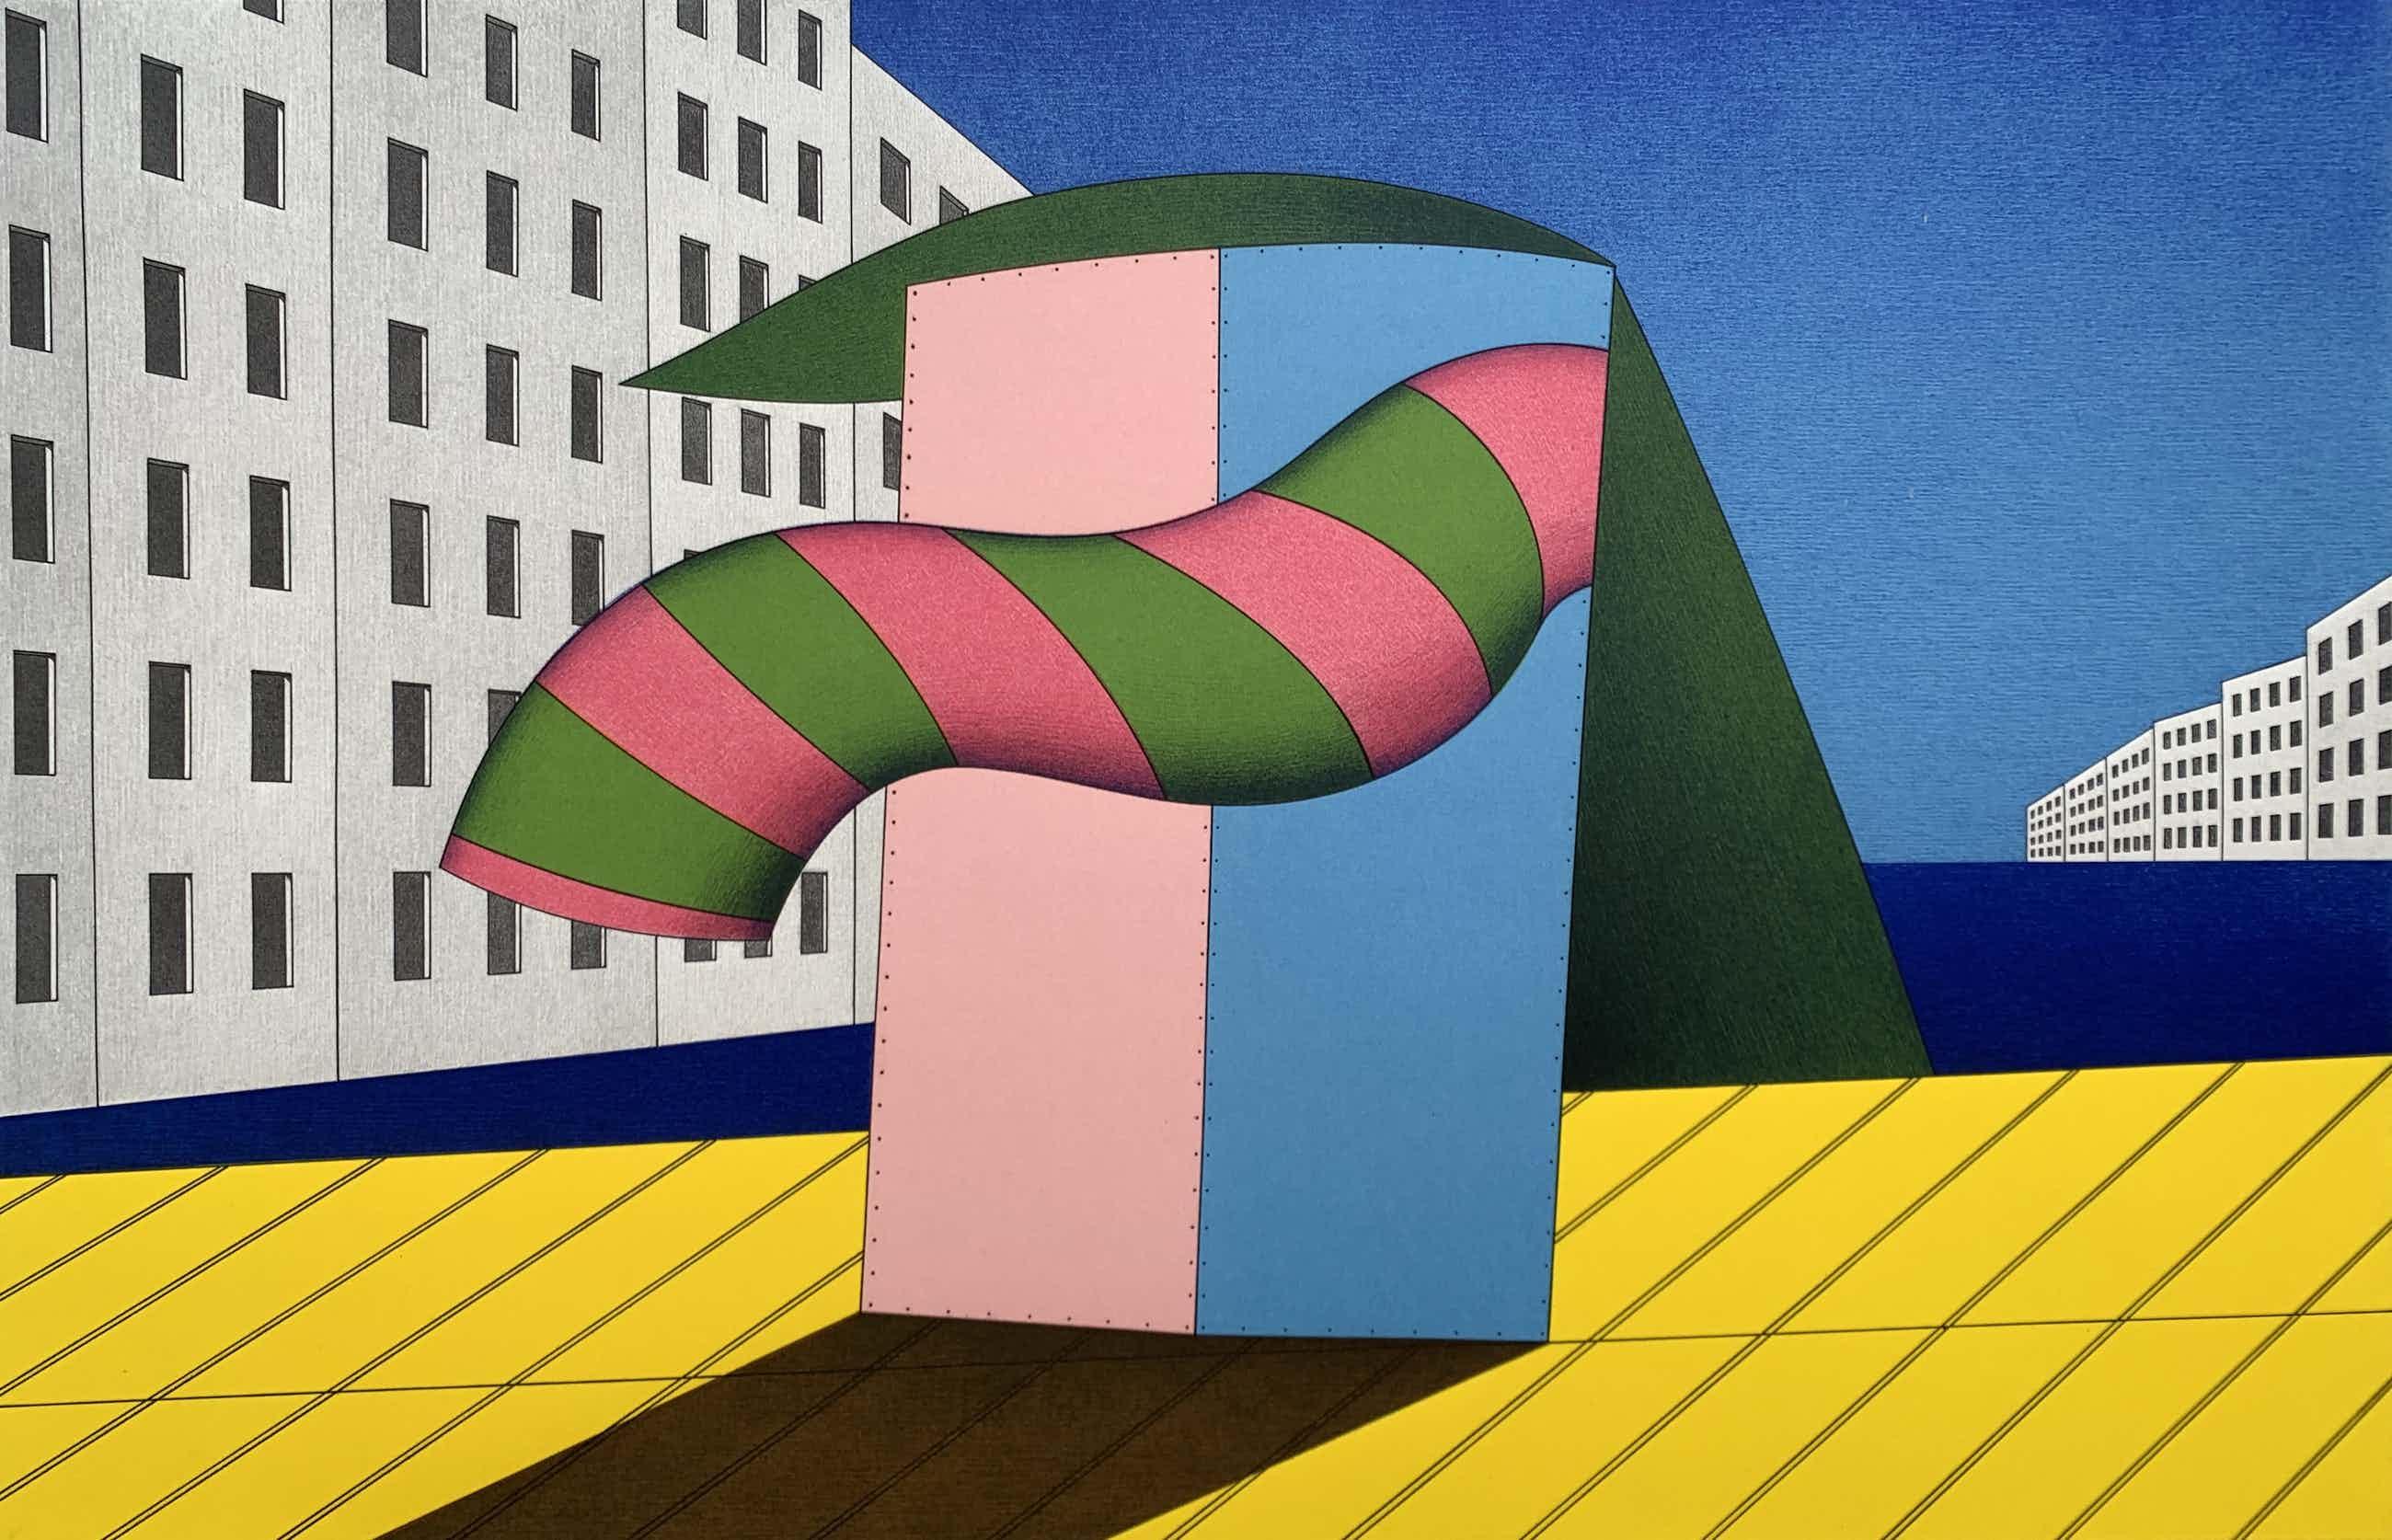 Marinus Fuit - kleurenzeefdruk - 'Gekleurd object aan binnenzee' - 1995 kopen? Bied vanaf 80!